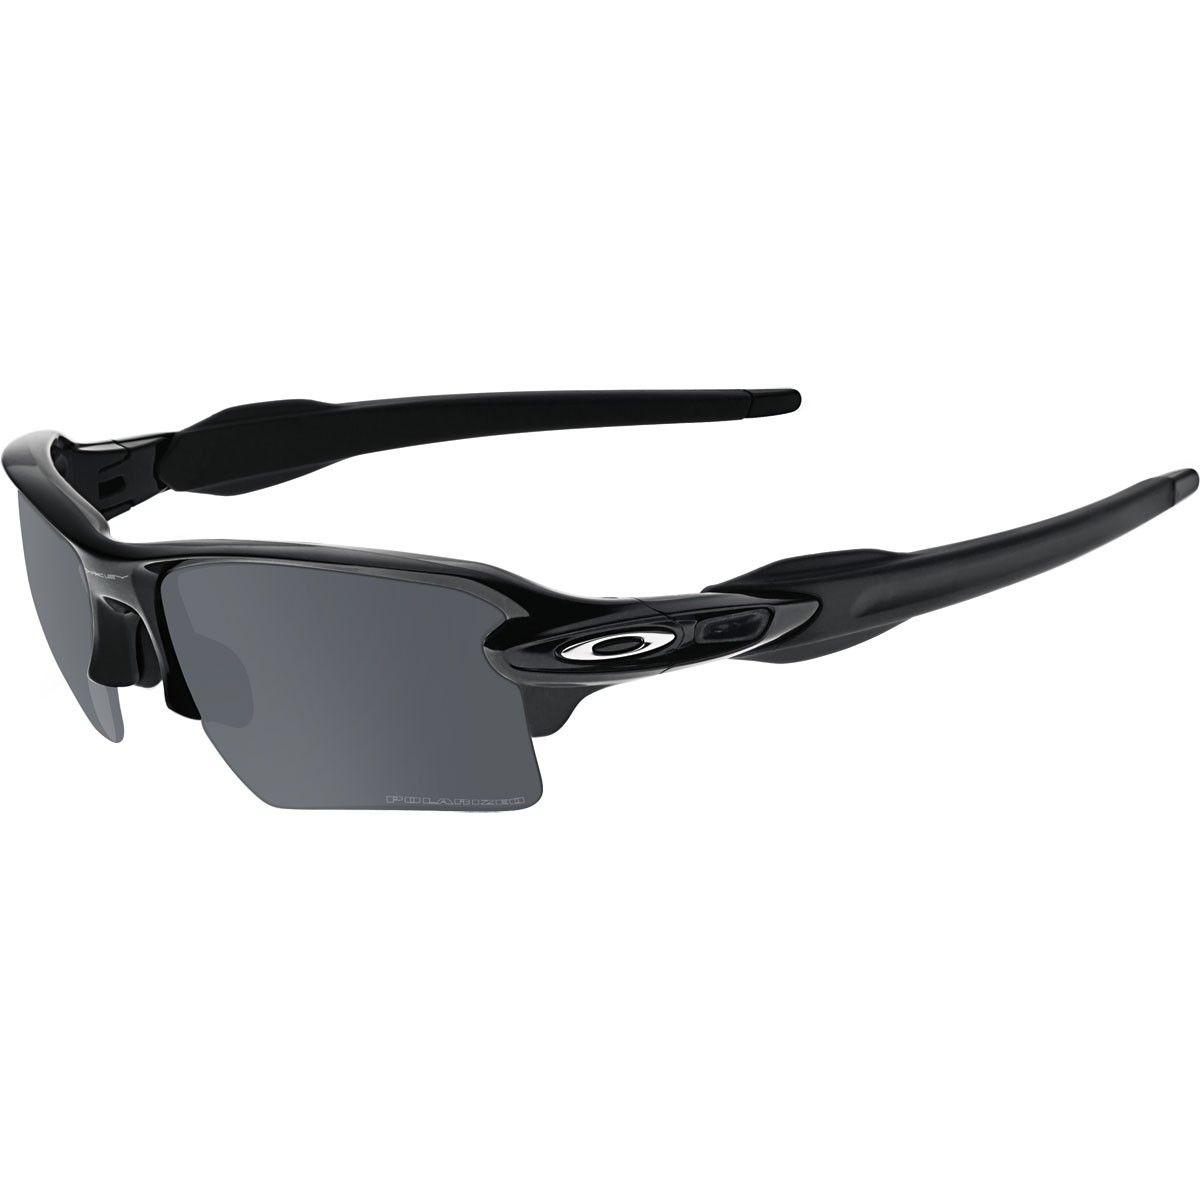 Oakley polarized flak 2 0 xl sunglasses india www for Oakley polarized fishing sunglasses